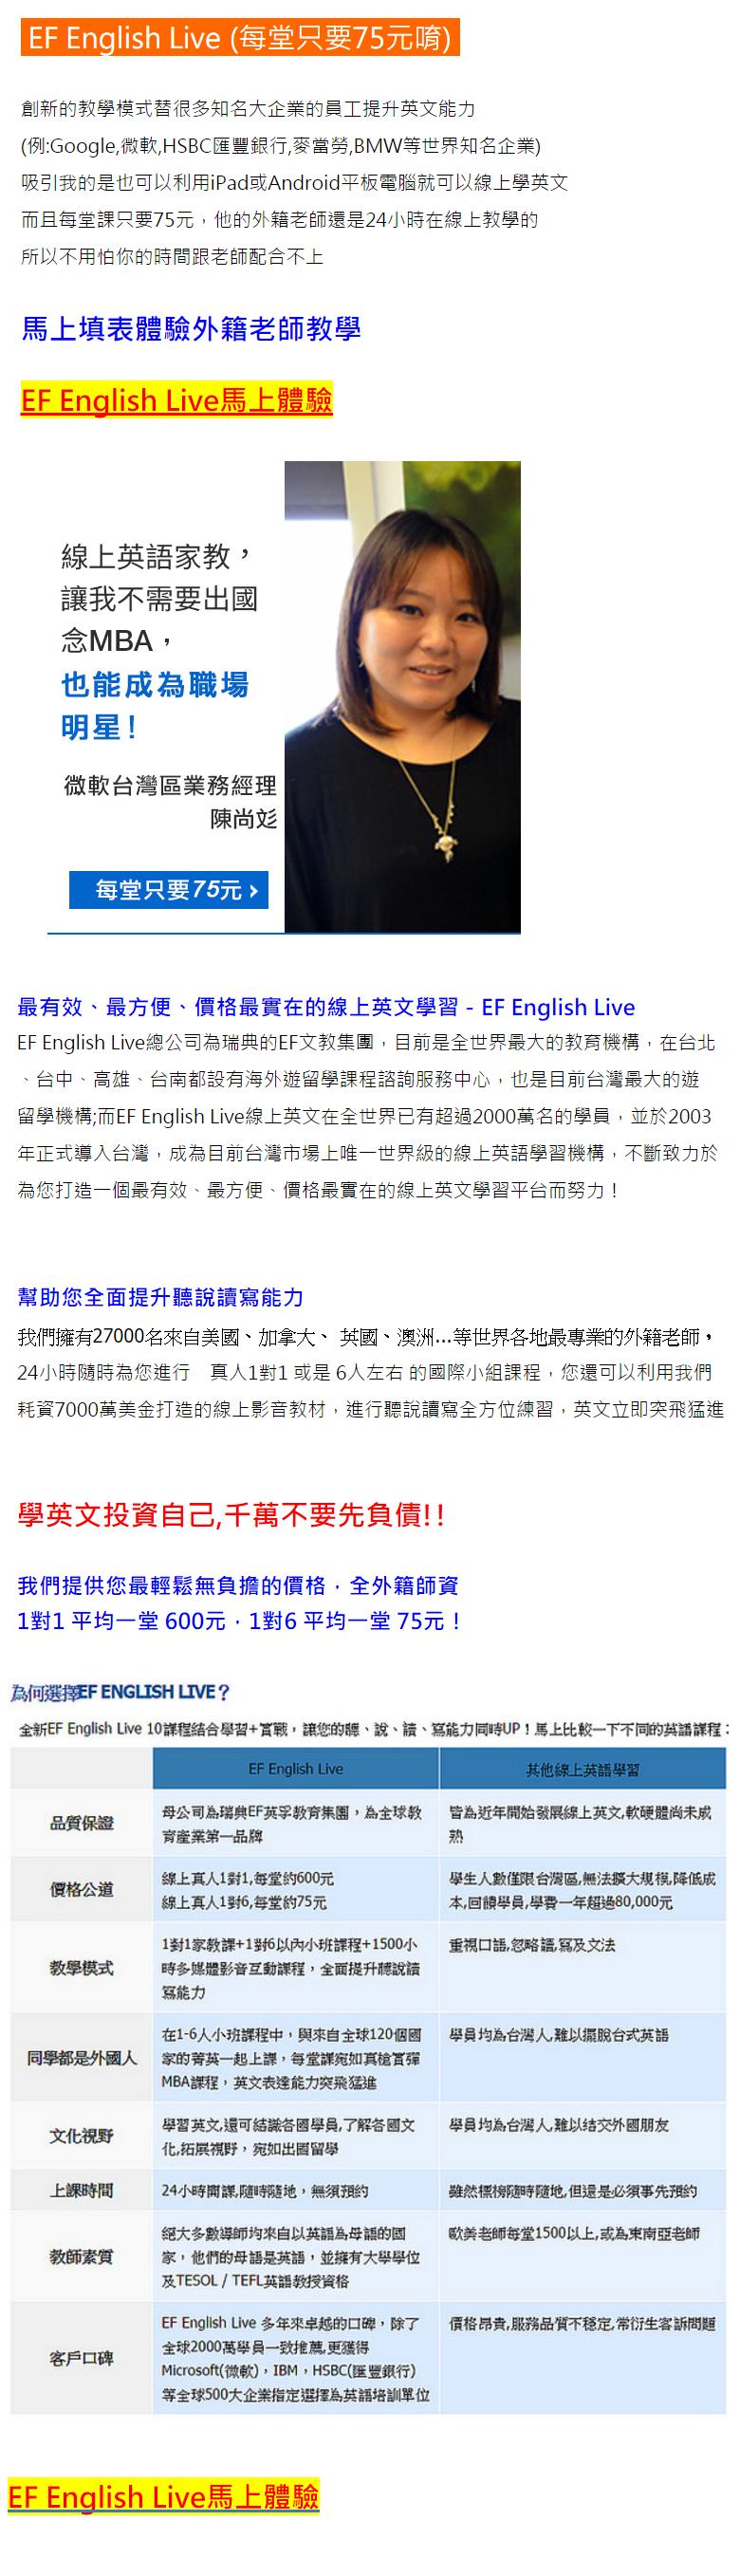 線上英語教學網評價